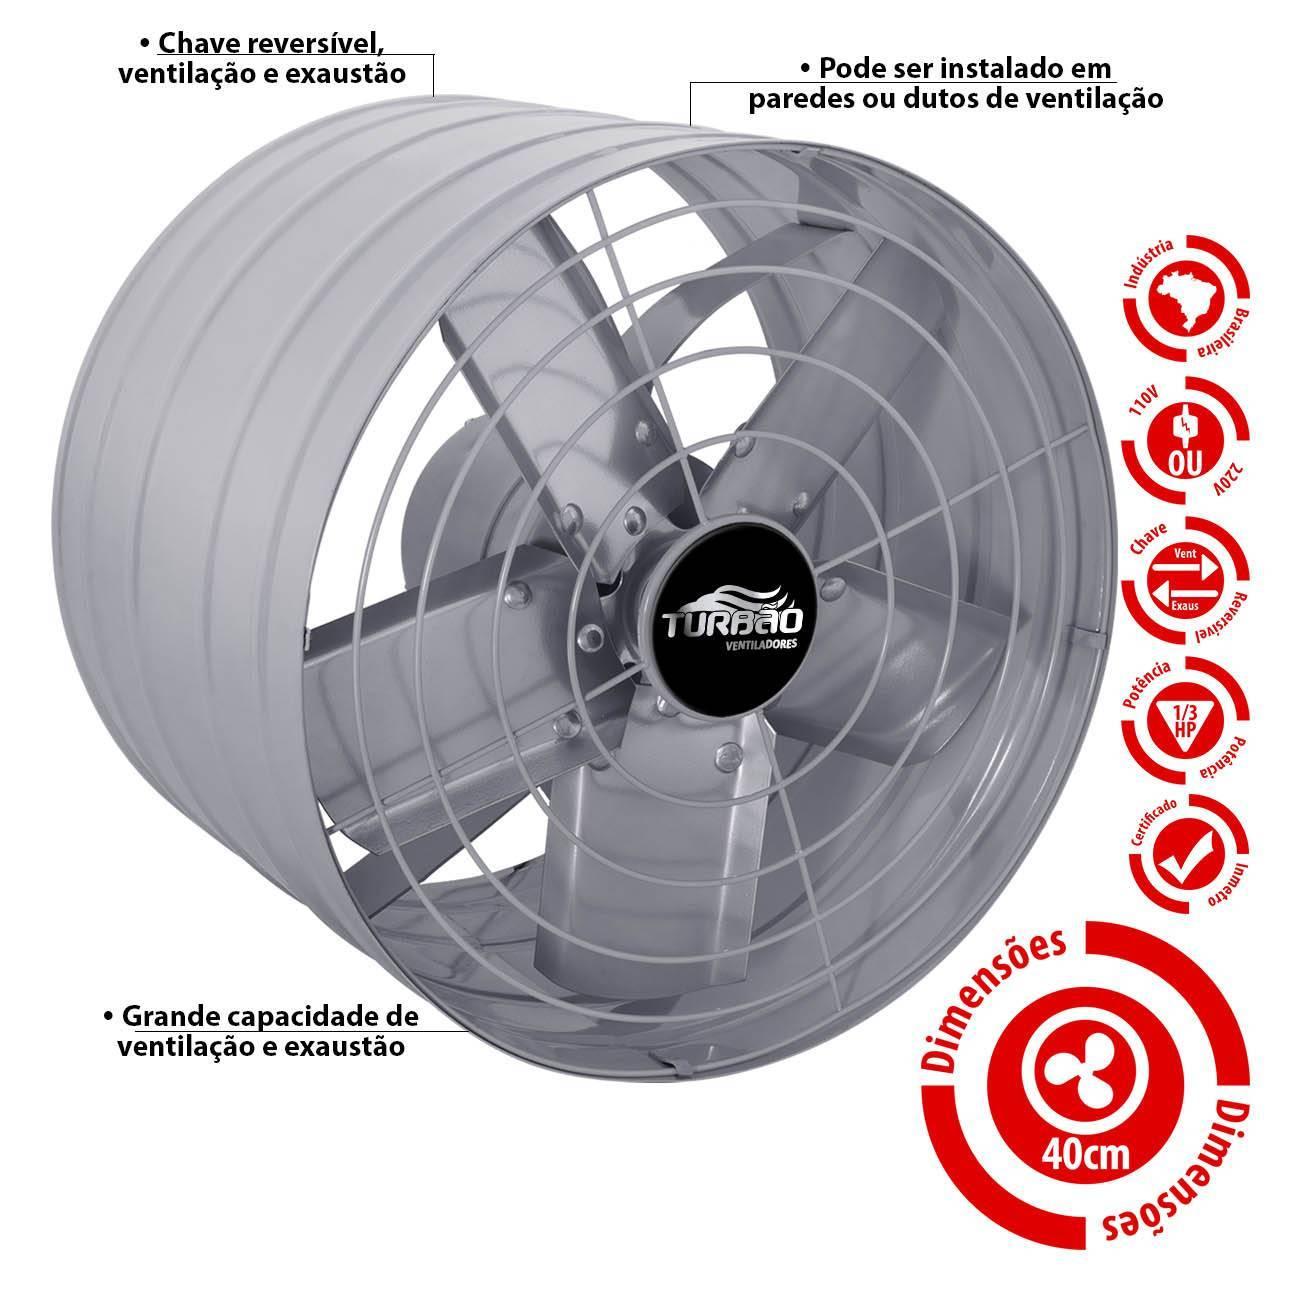 Exaustor Industrial/Comercial 40cm Turbão Alta Vazão - LCGELETRO